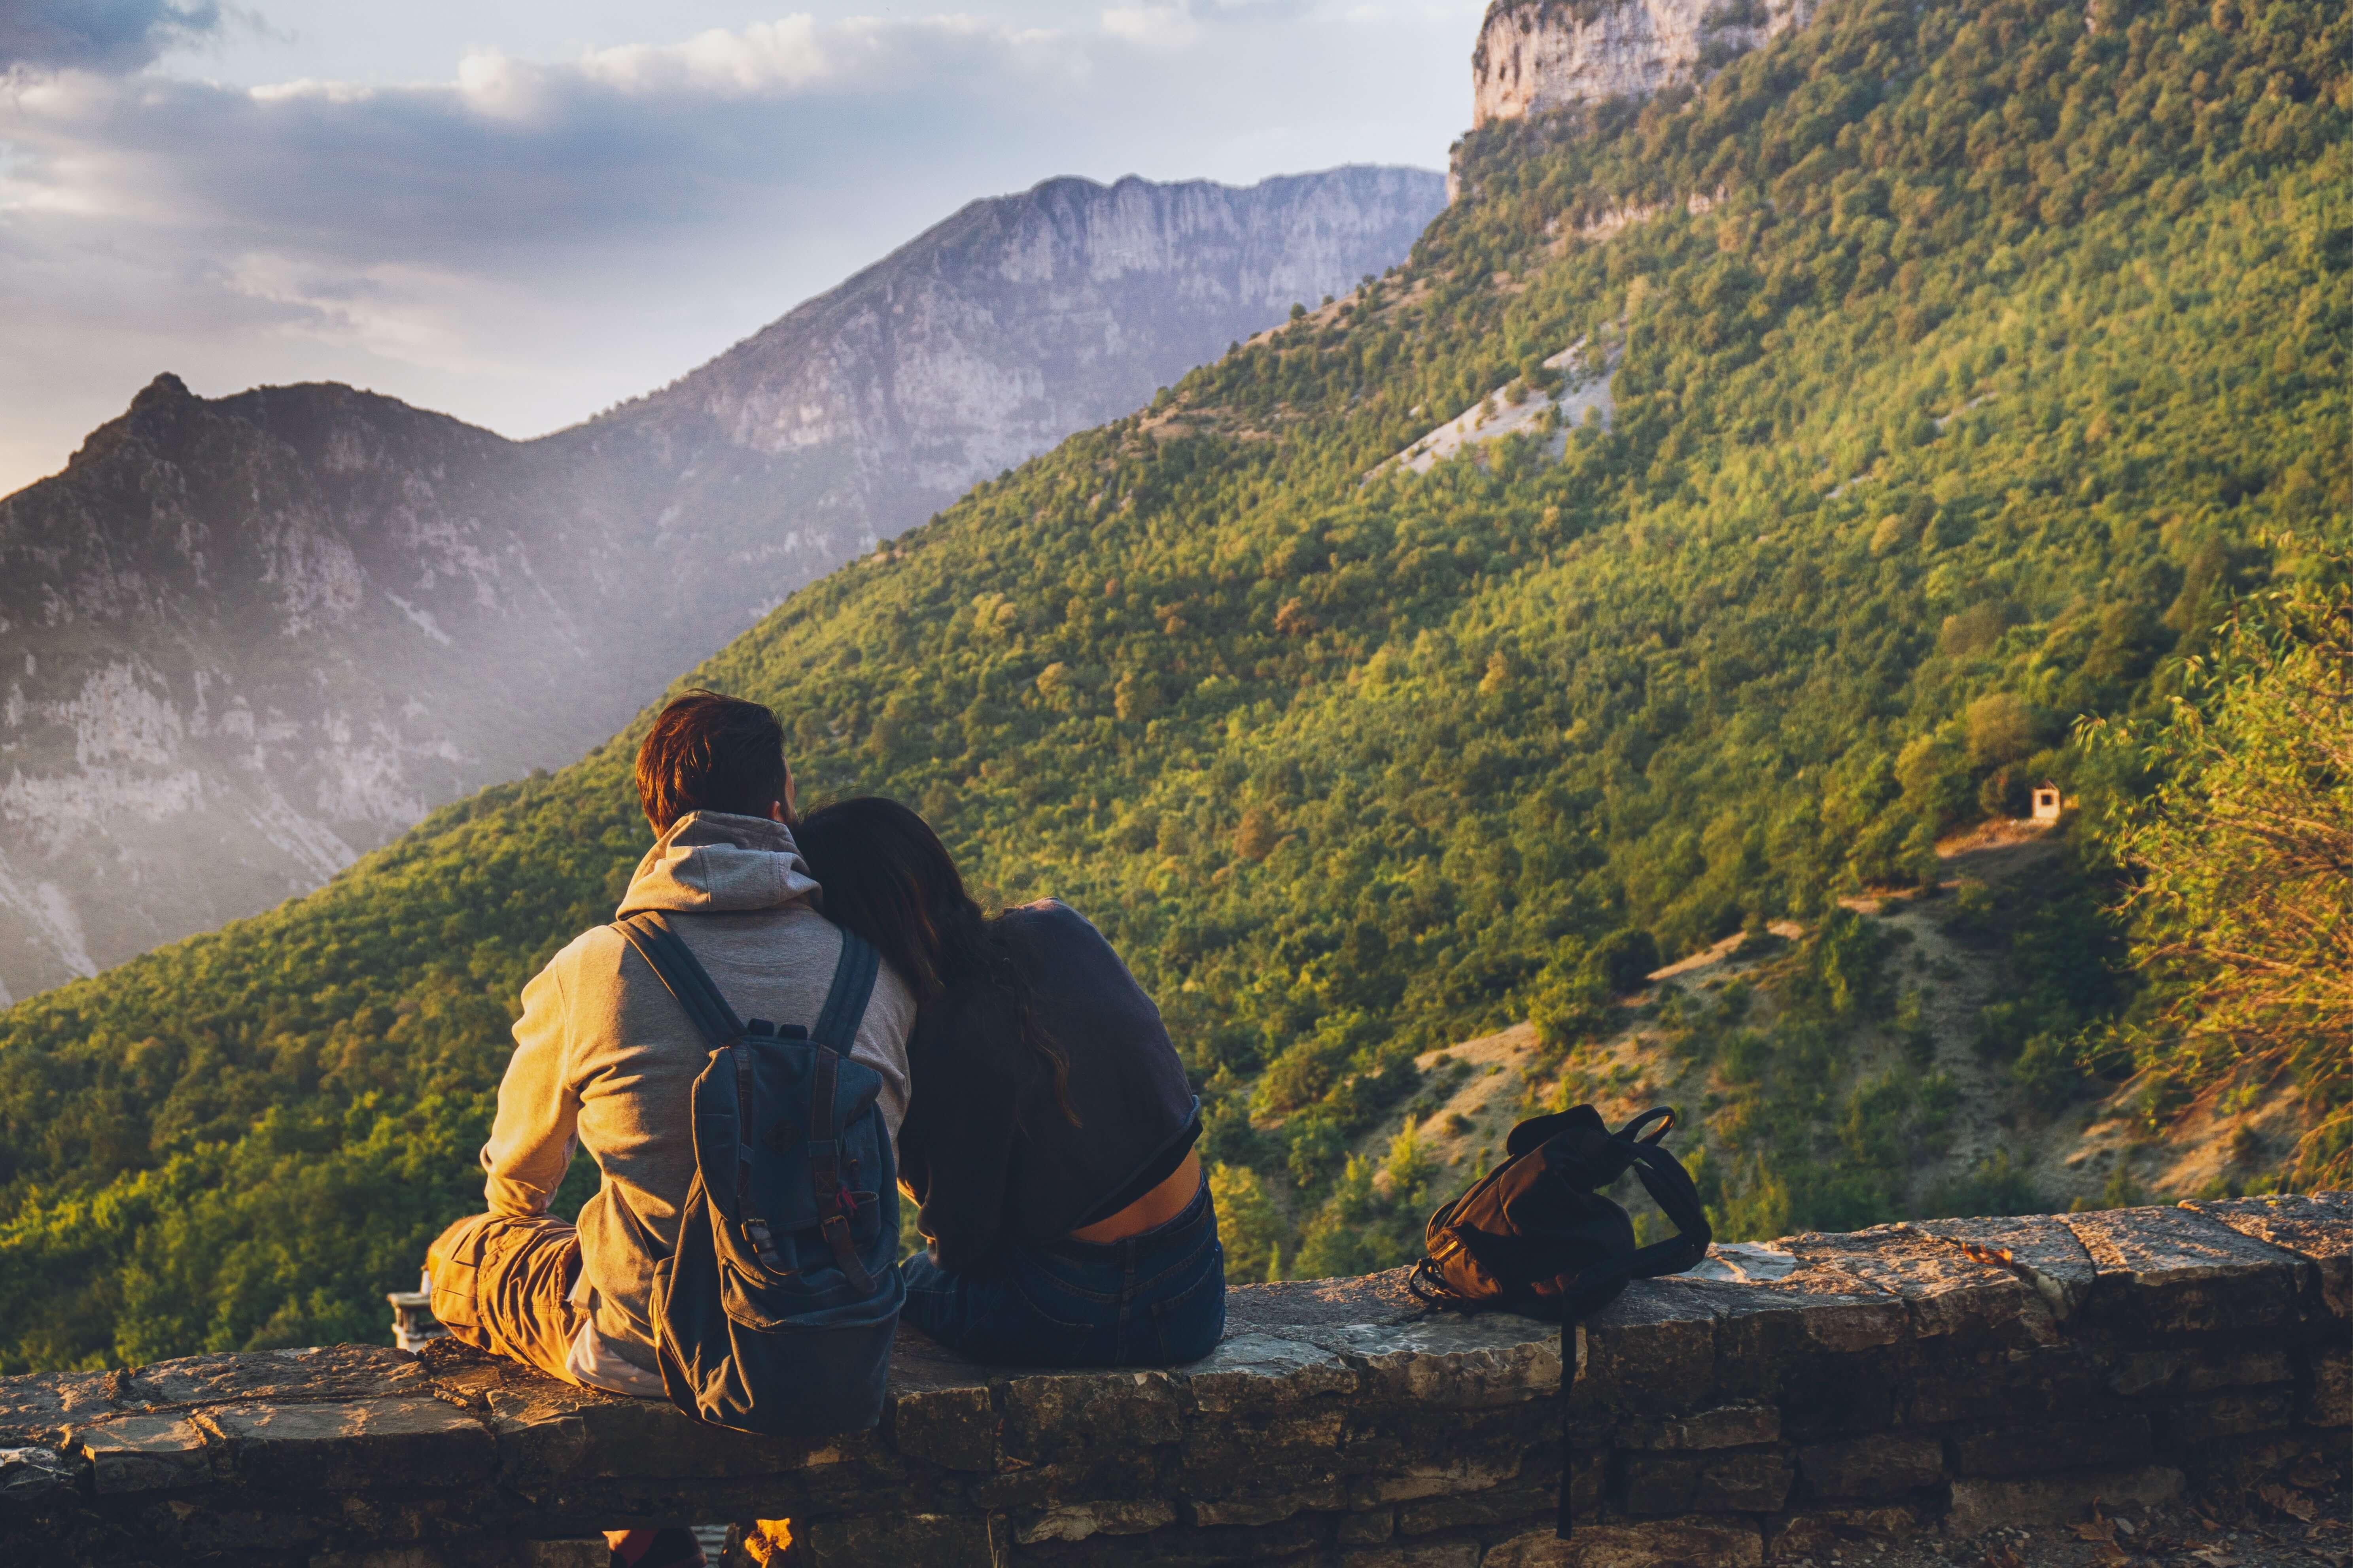 rutina en pareja próximo viaje